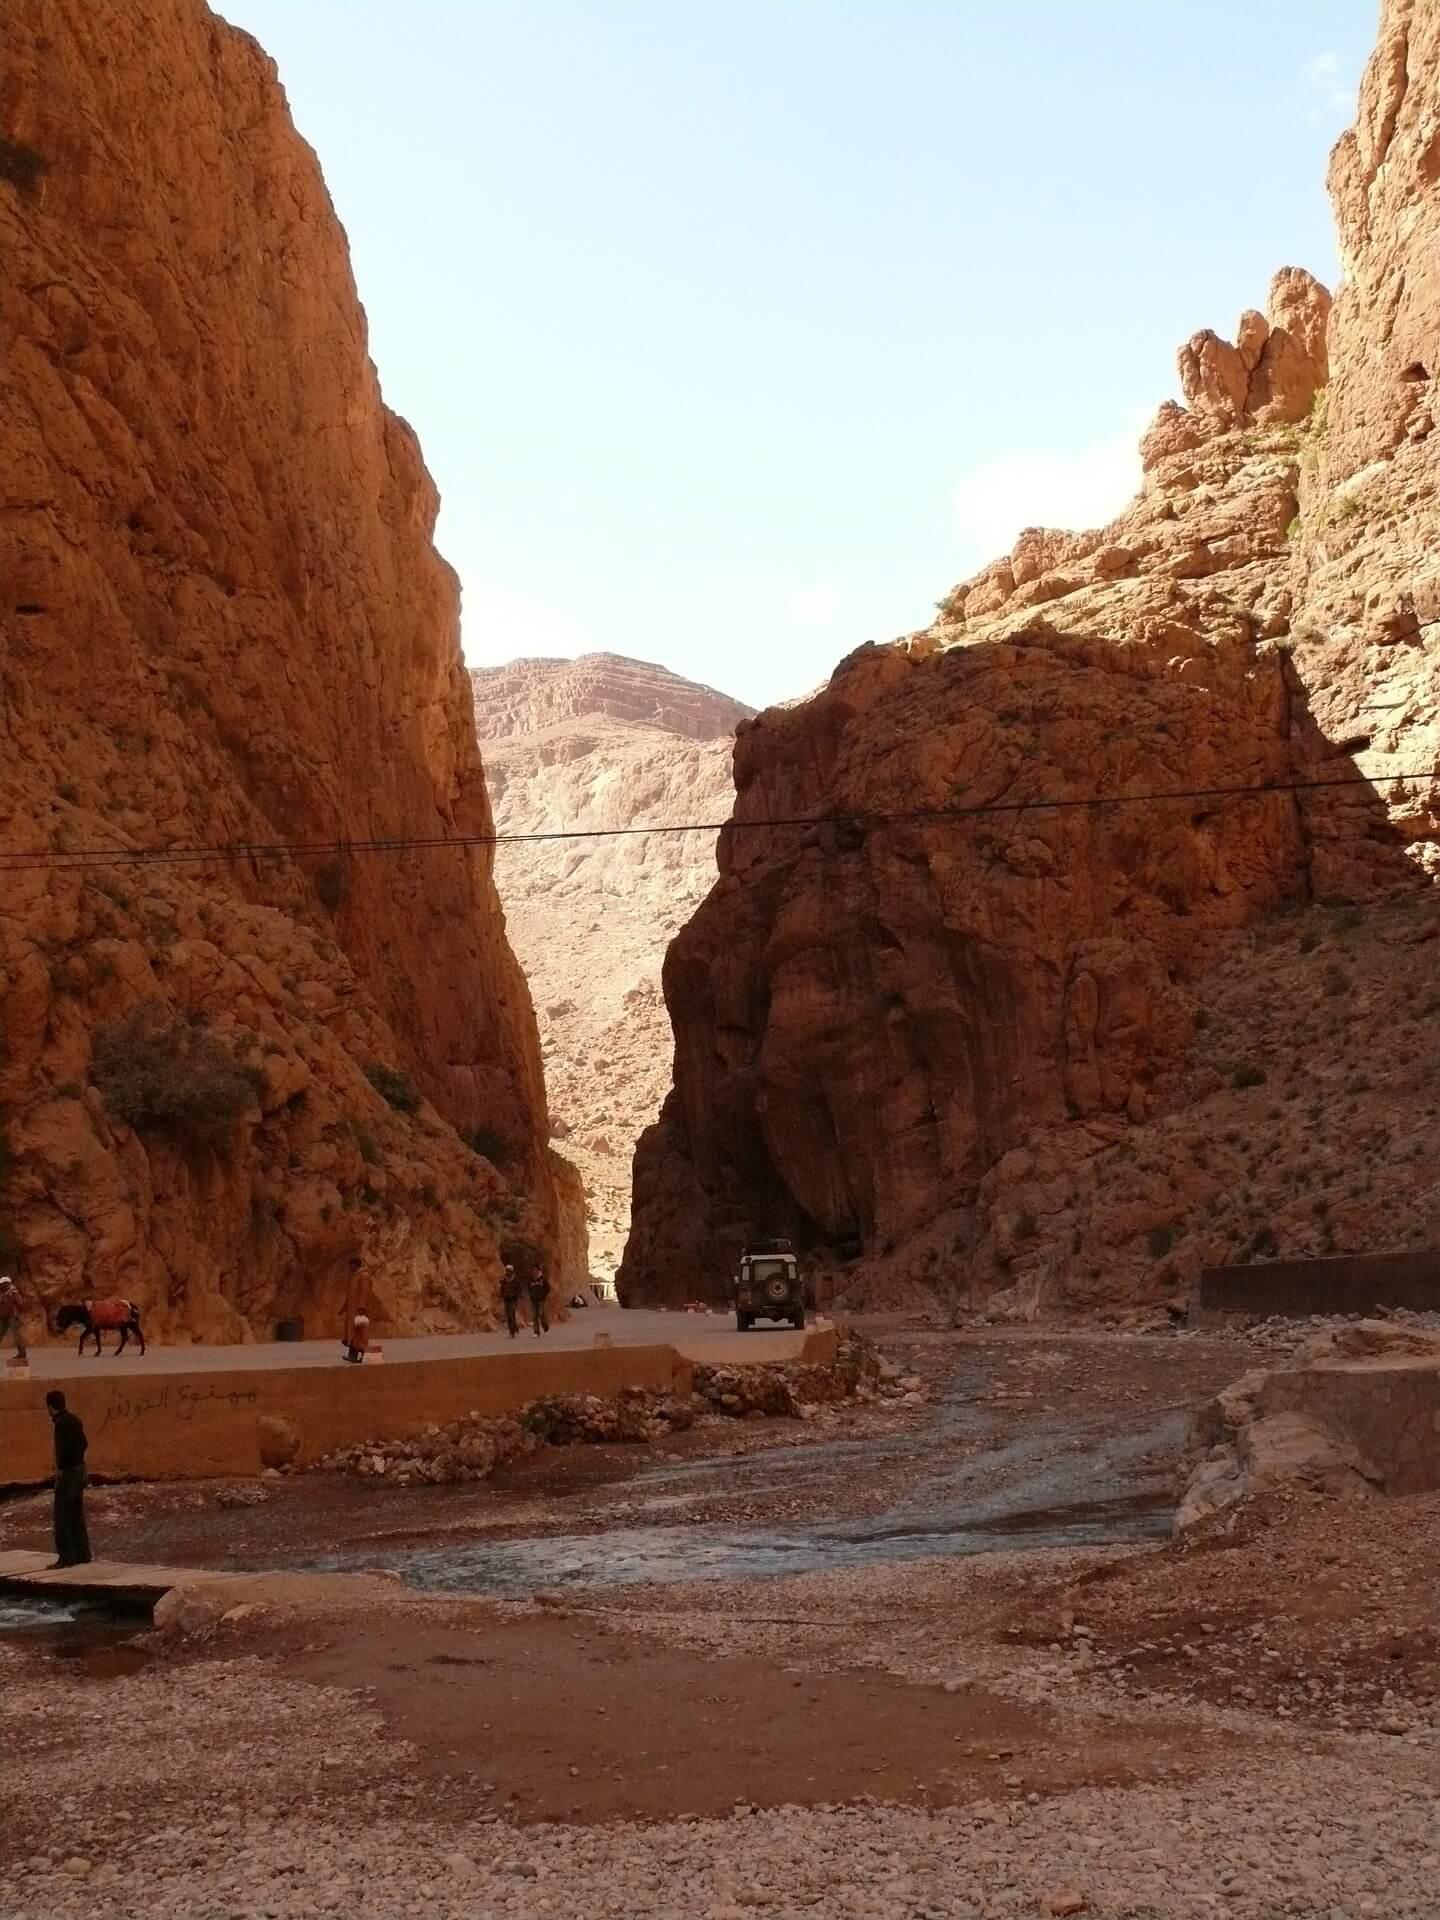 Gorges du Todra dans le sud marocain